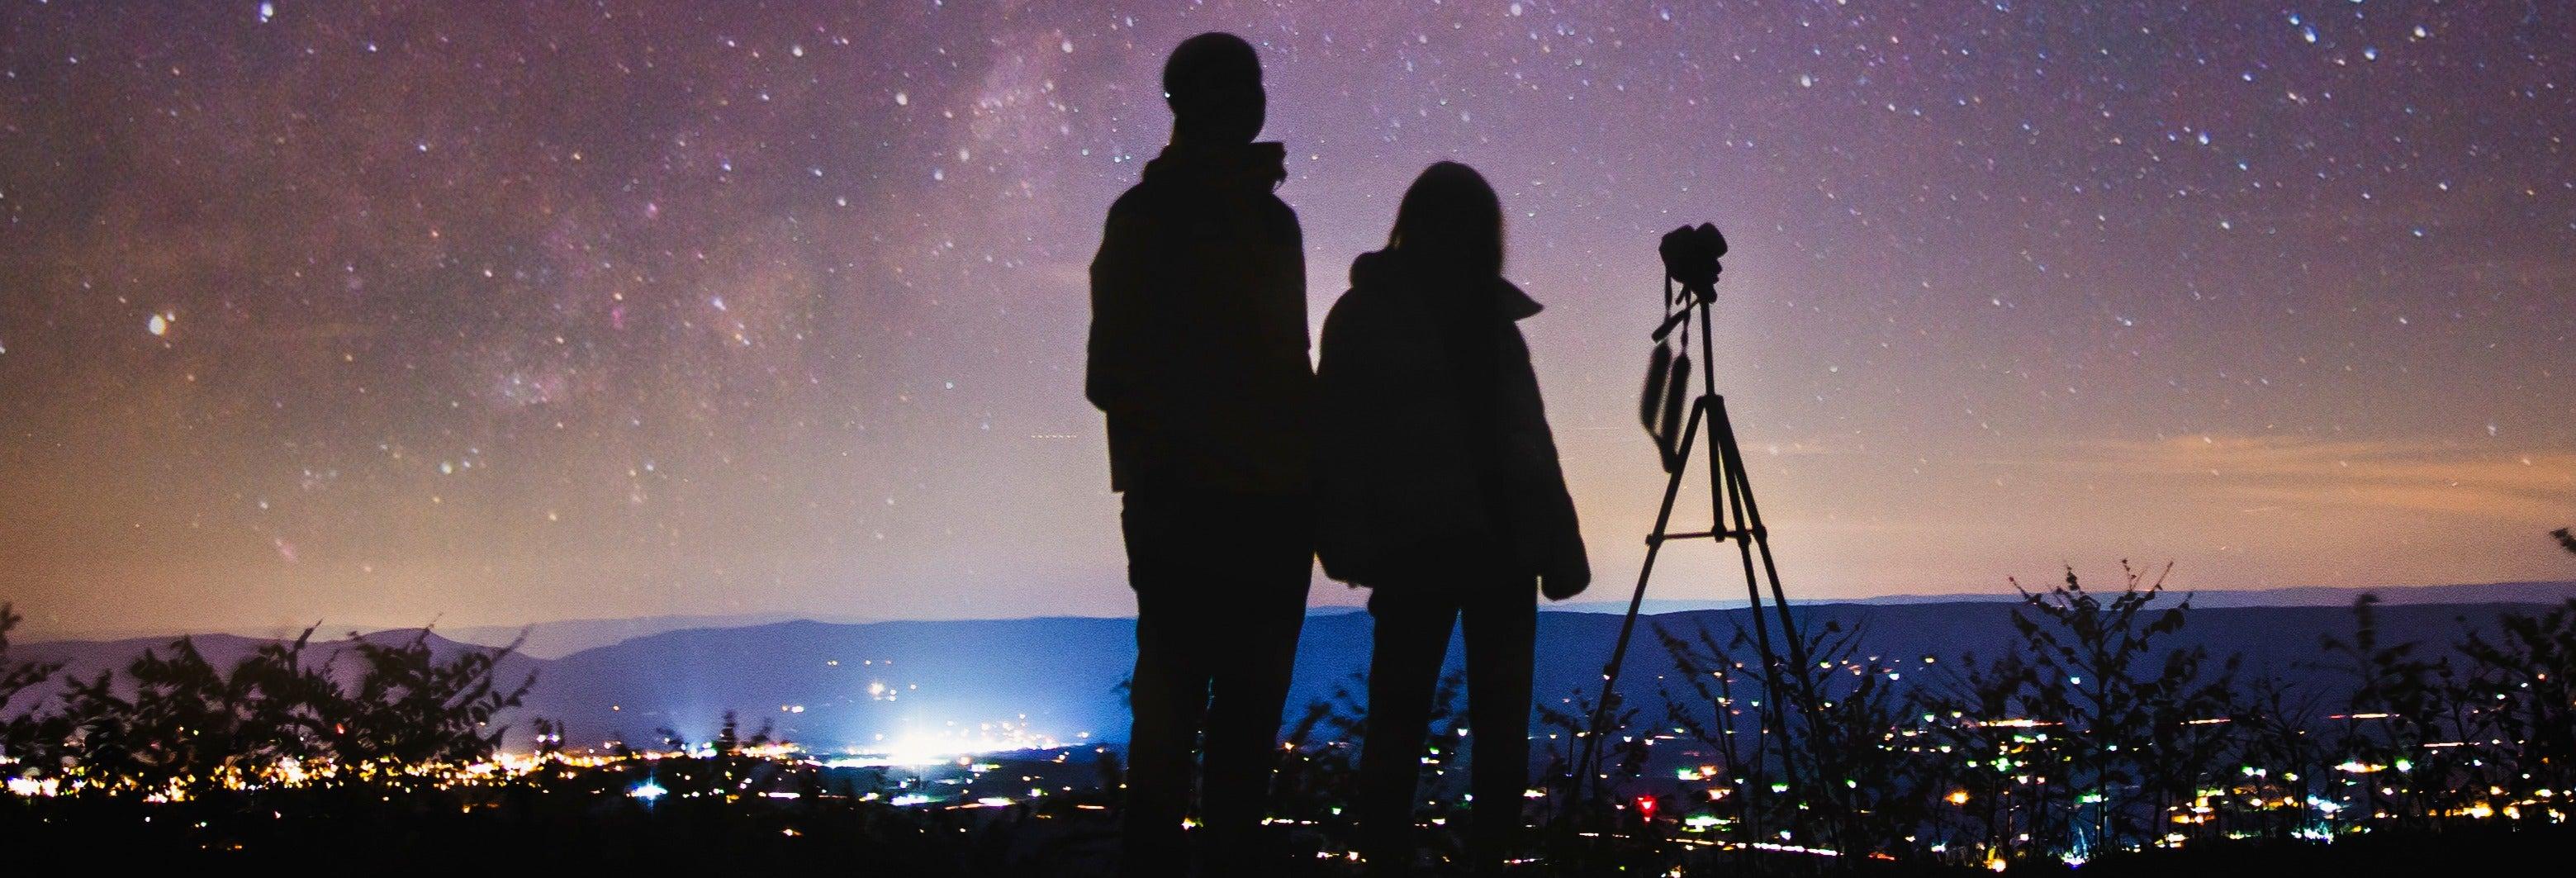 Excursión al observatorio Mamalluca